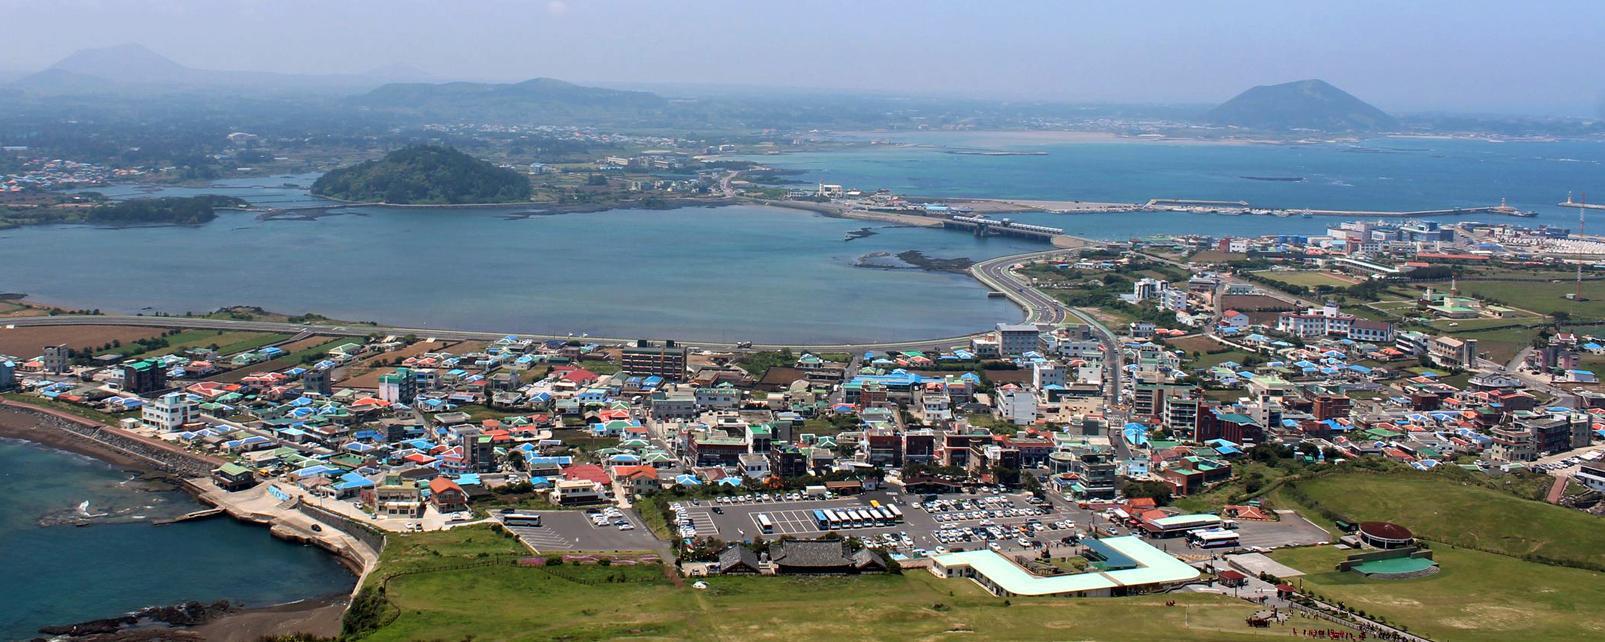 Cheju - Jeju